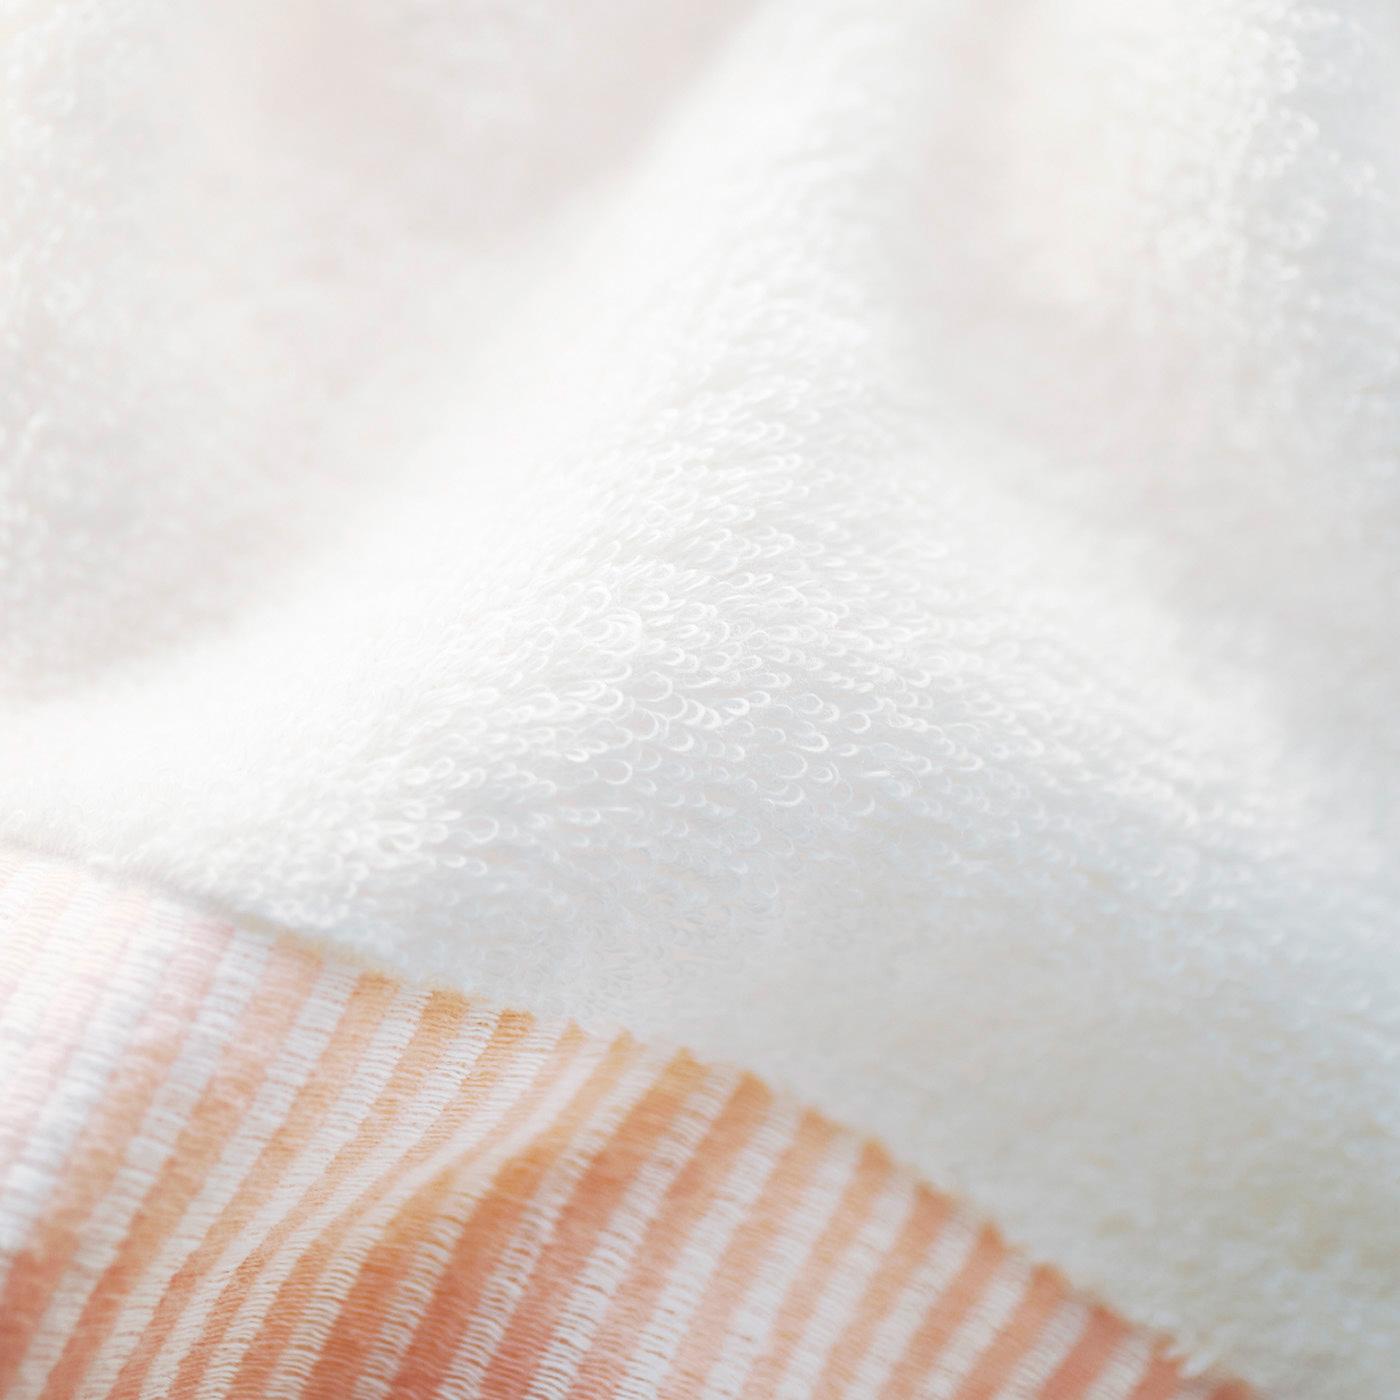 紡糸工程で化学薬品を使わないバイオ製法で作られた糸はやわらかさと吸水の両方を実現。